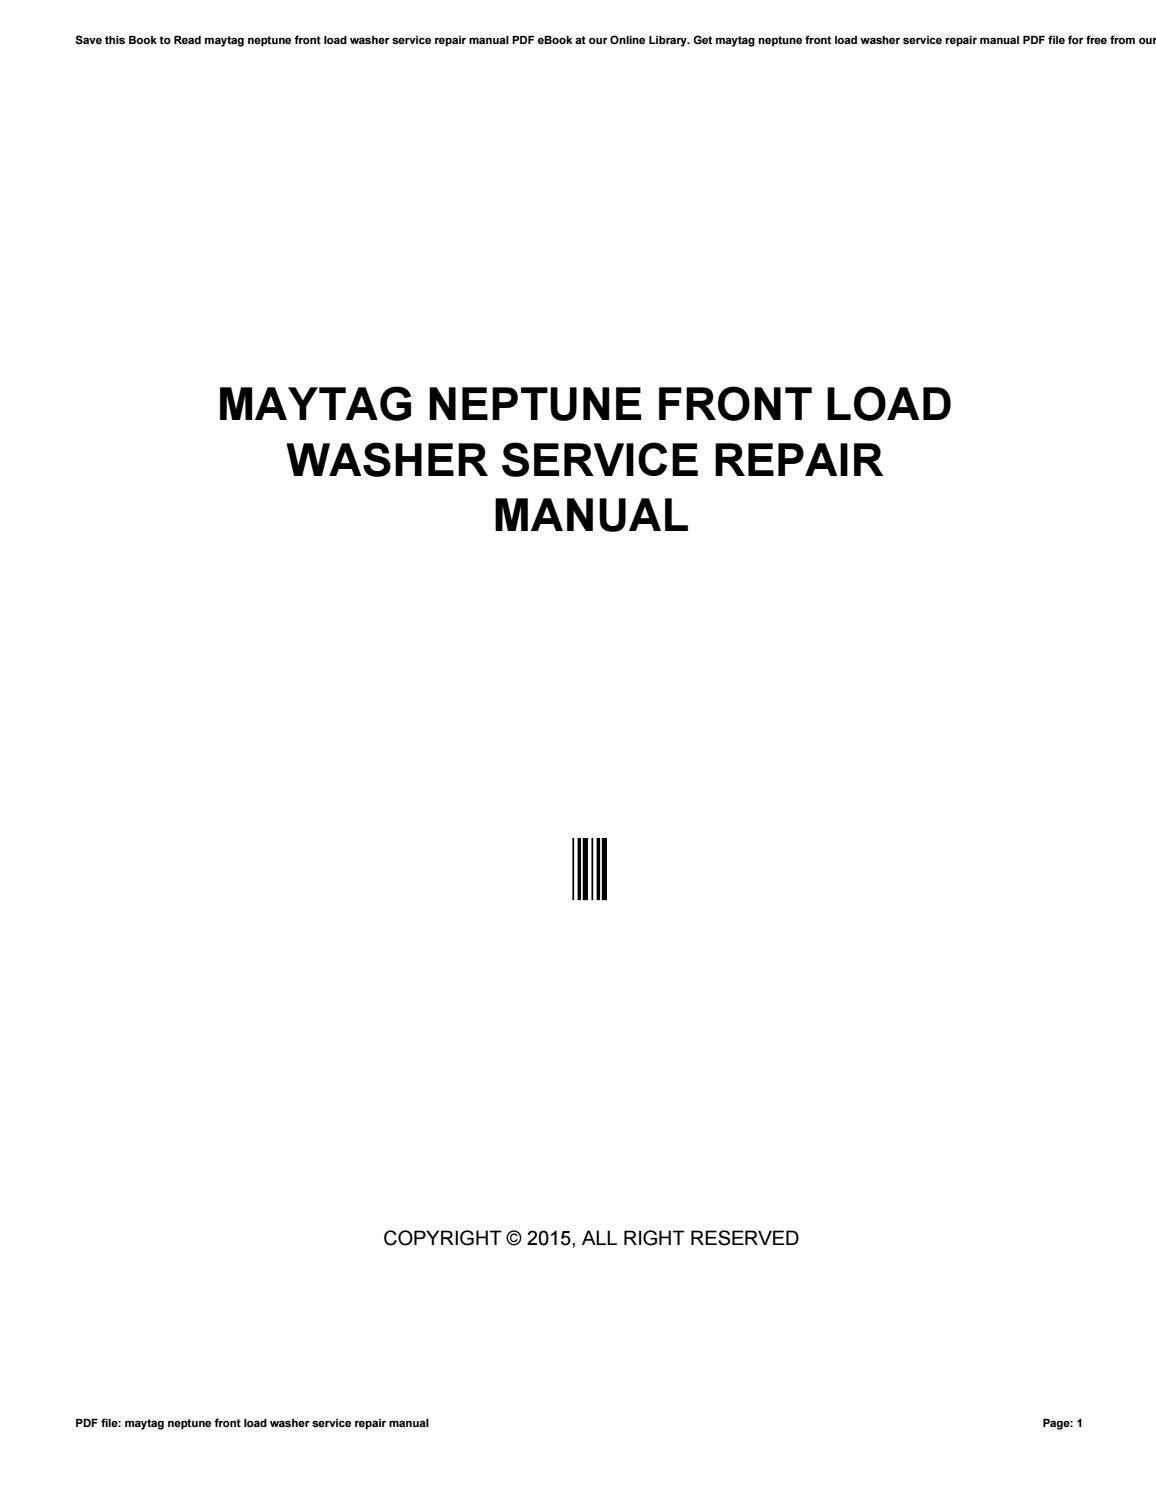 Maytag neptune washer repair manual pdf